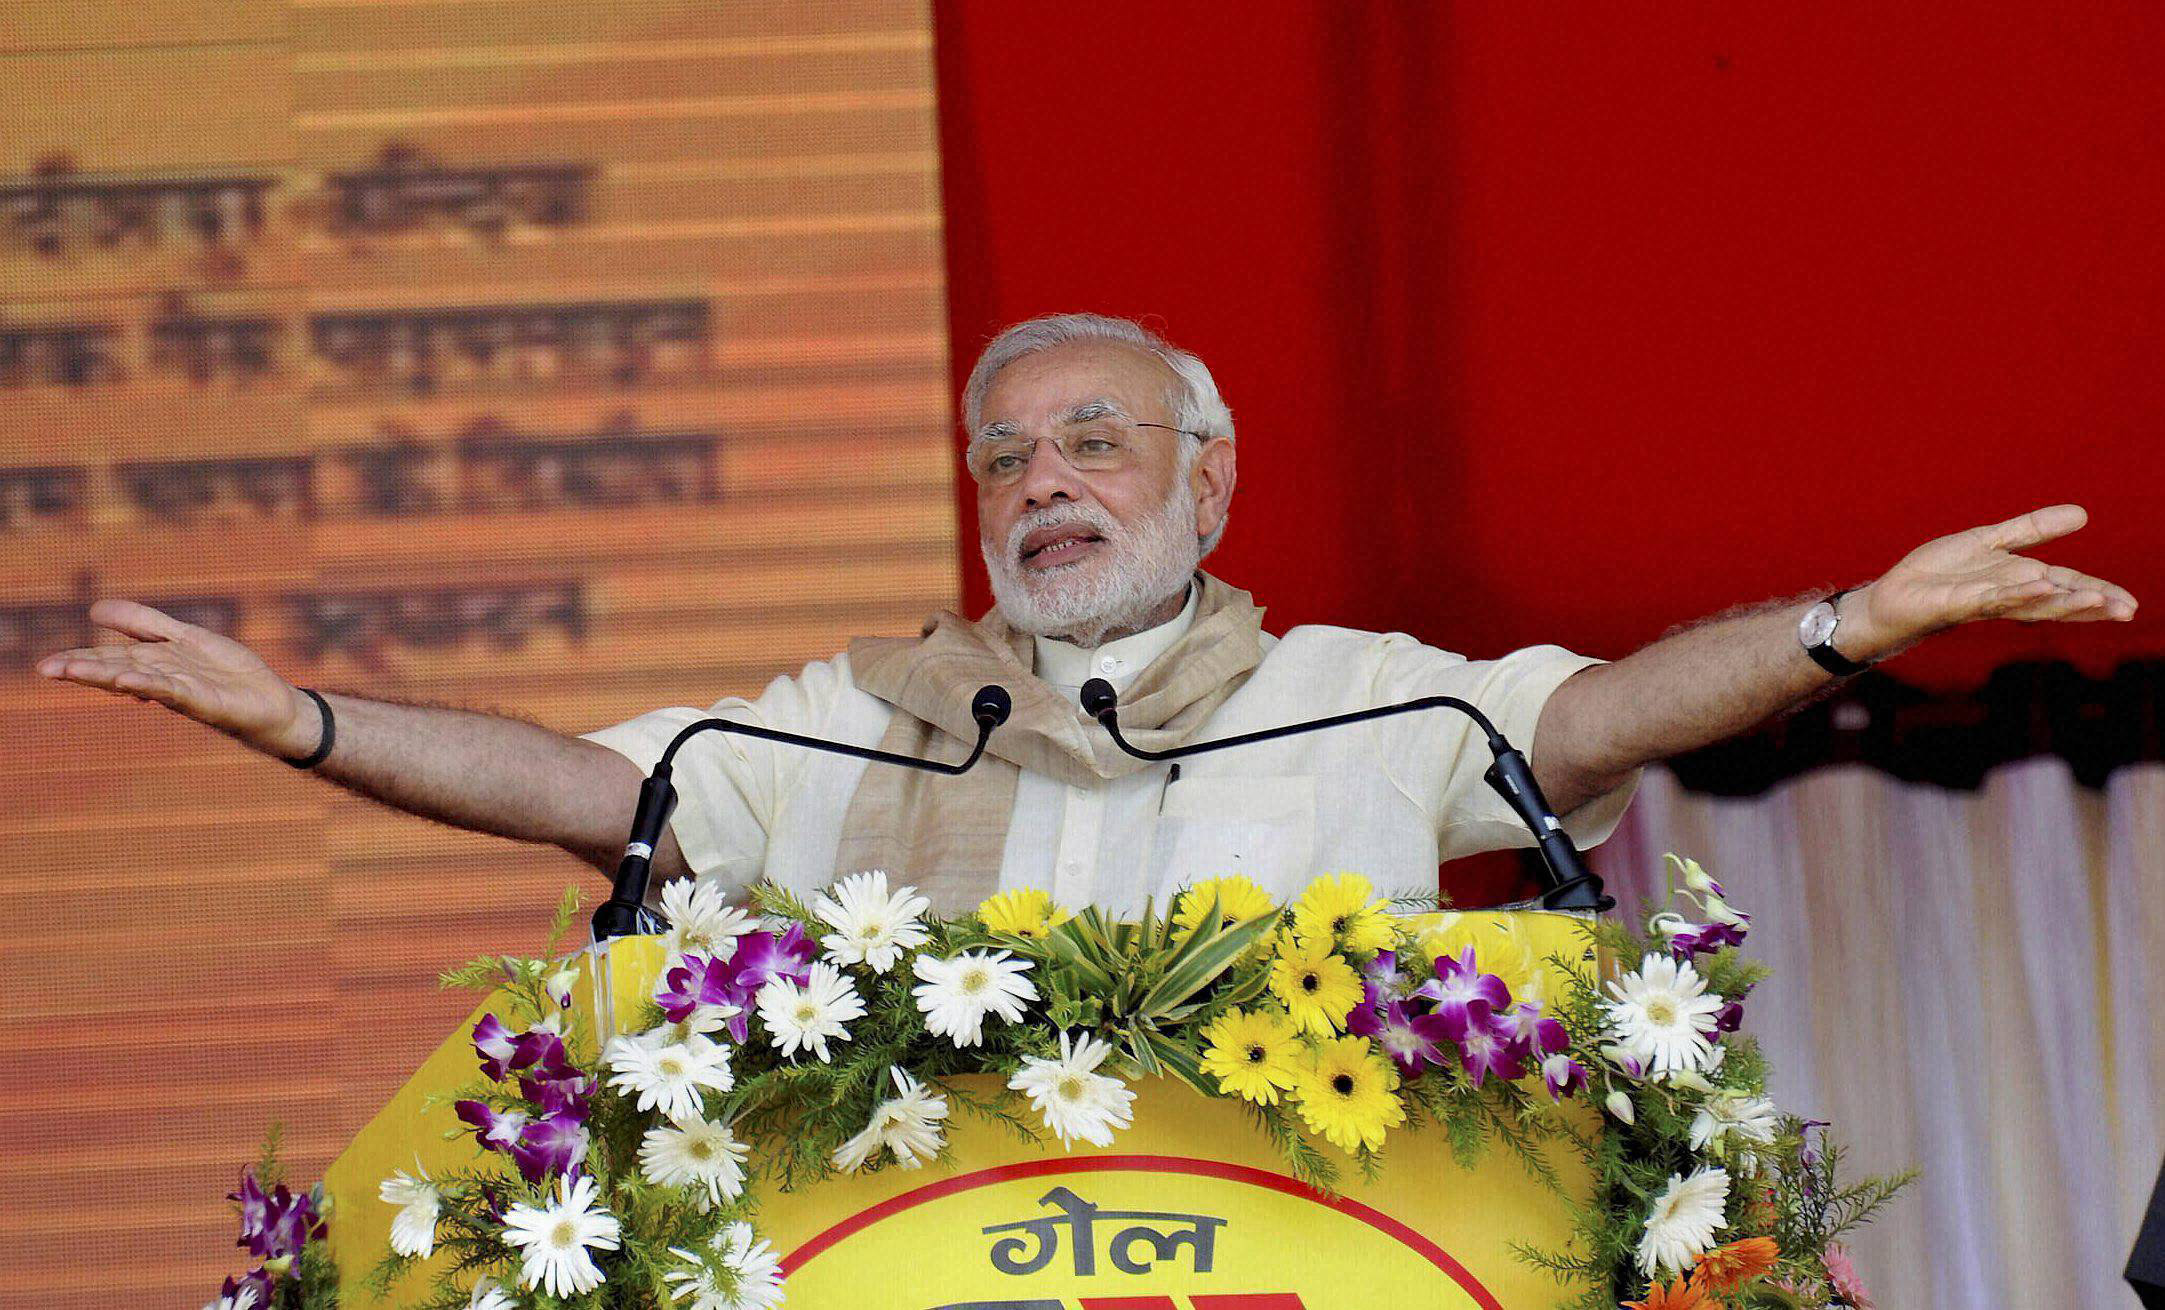 This election will decide Bihar's fate - Modi